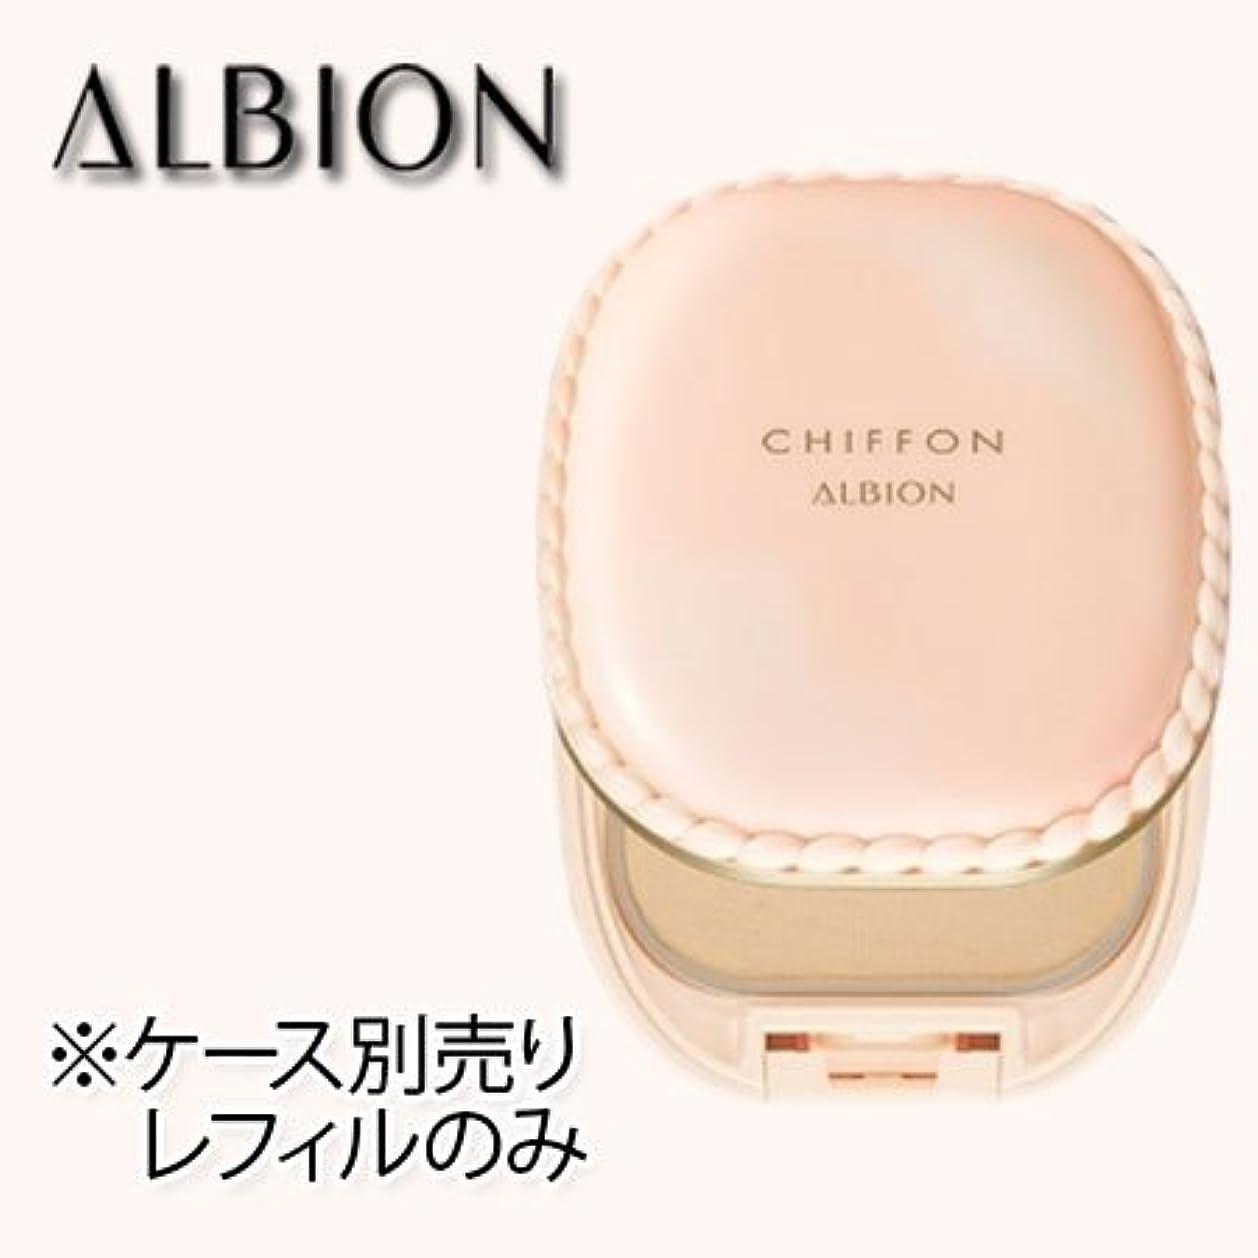 甘味自信がある重荷アルビオン スウィート モイスチュア シフォン (レフィル) 10g 6色 SPF22 PA++-ALBION- 070